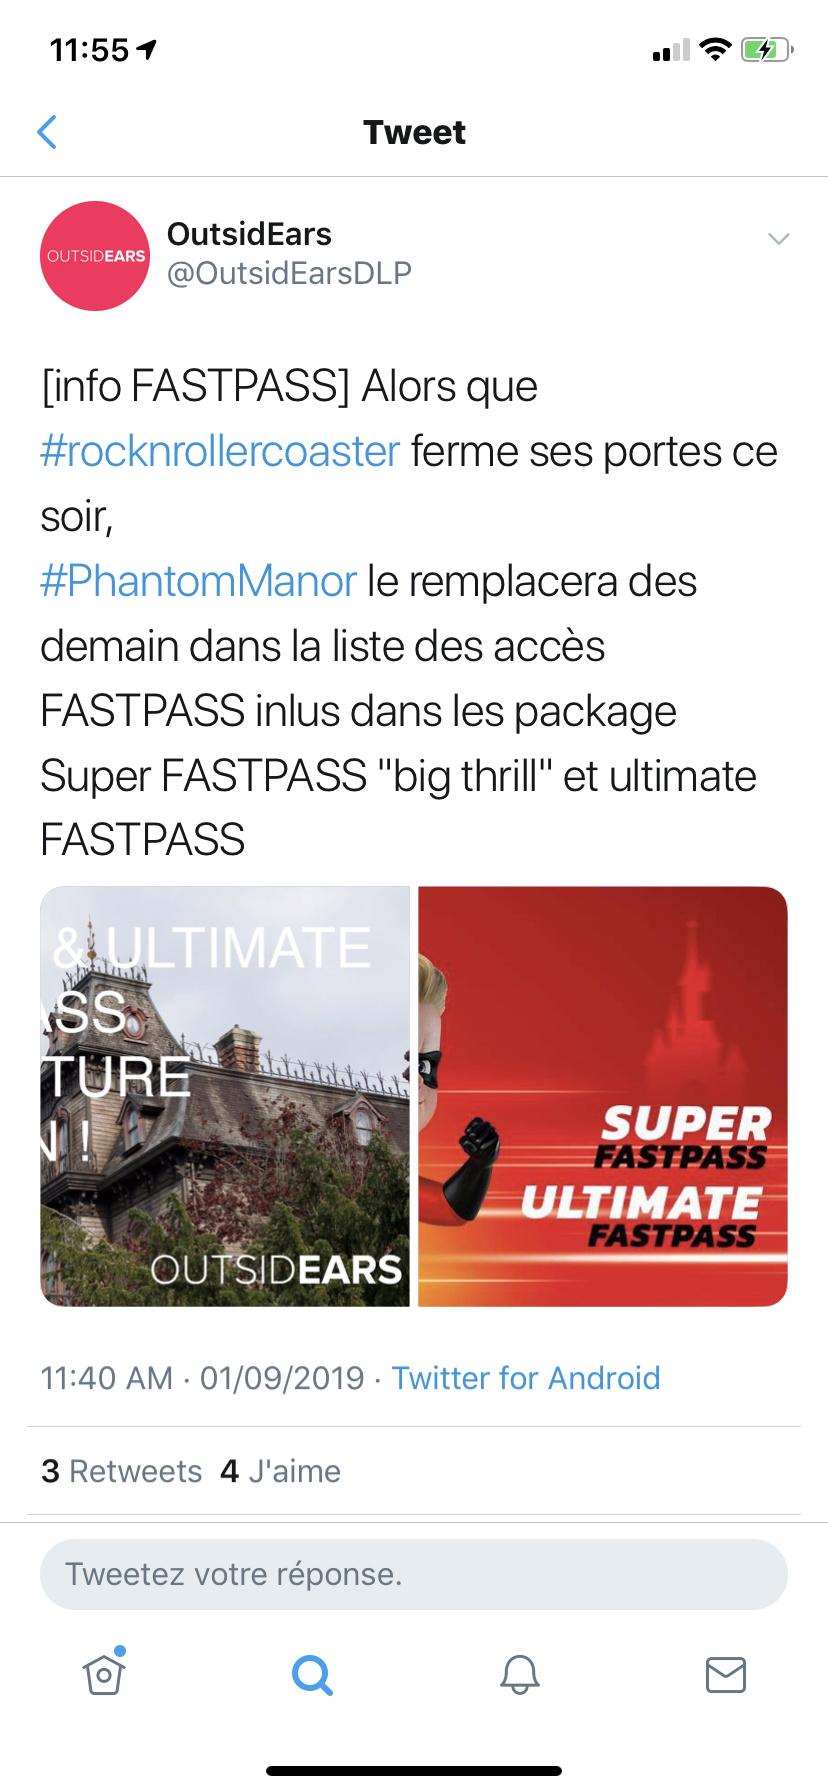 [Nouveau] Super FASTPASS et Ultimate FASTPASS (15 octobre 2018) - Page 11 67572910